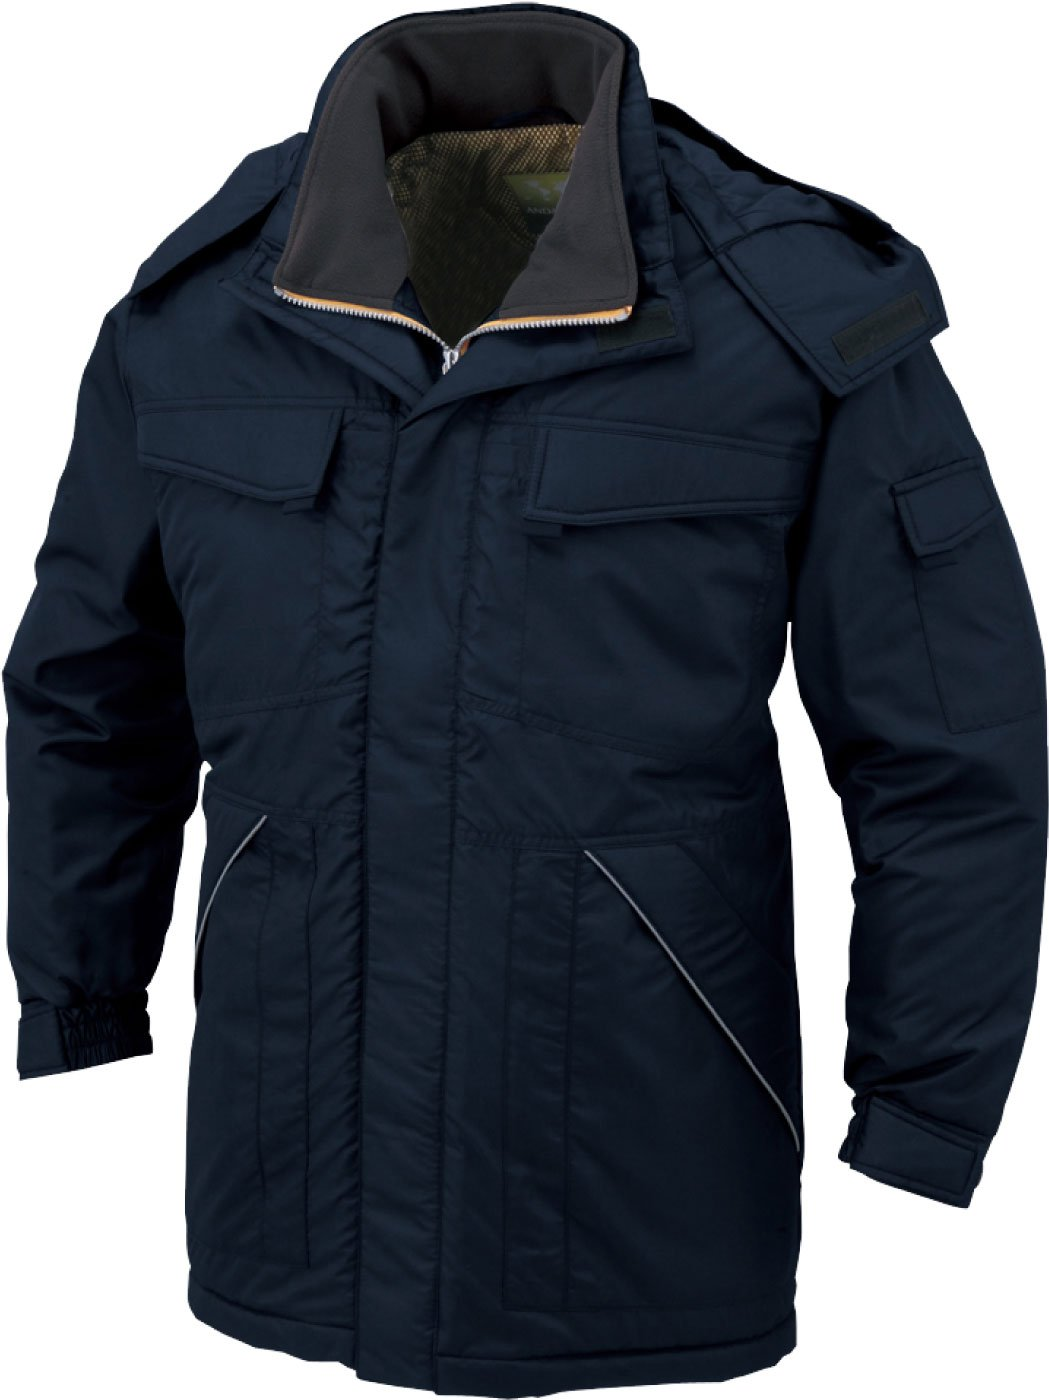 コーコス(CO-COS) 防寒コート 防寒ジャンパー ワークウェア 撥水加工 cc-a12366 B01M65GIMP 6L|ネイビー ネイビー 6L